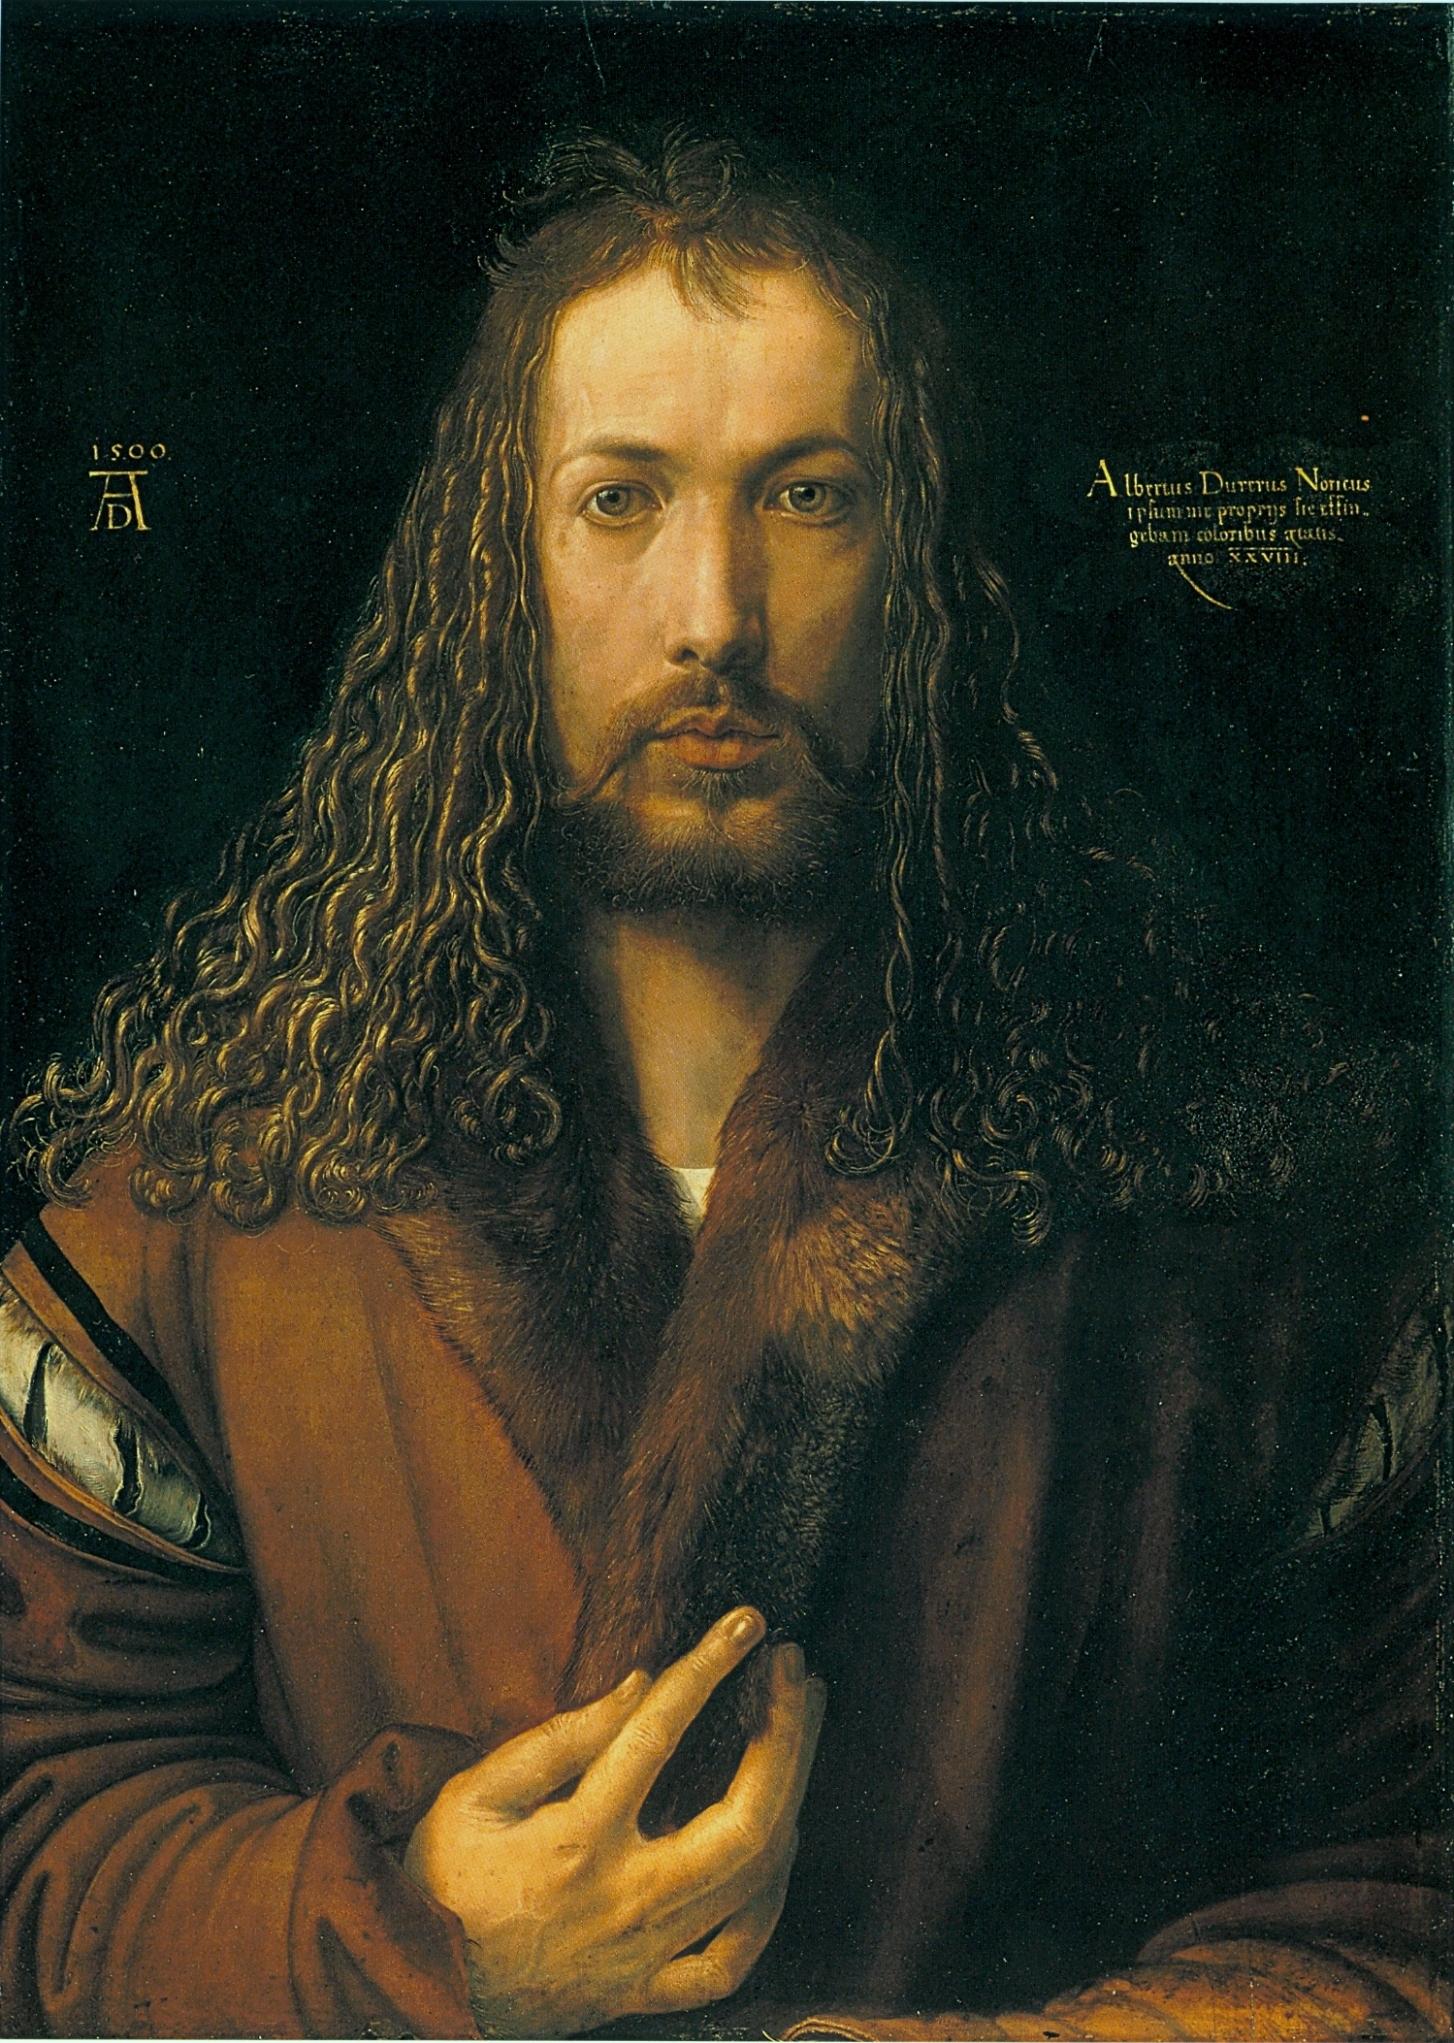 """Tra le notizie dal mondo dell'arte di questa settimana, la riscoperta del New York Times del bellissimo """"Autoritratto con pelliccia"""" di Dürer (1500), conservato alla Alte Pinakothek di Monaco di Baviera."""